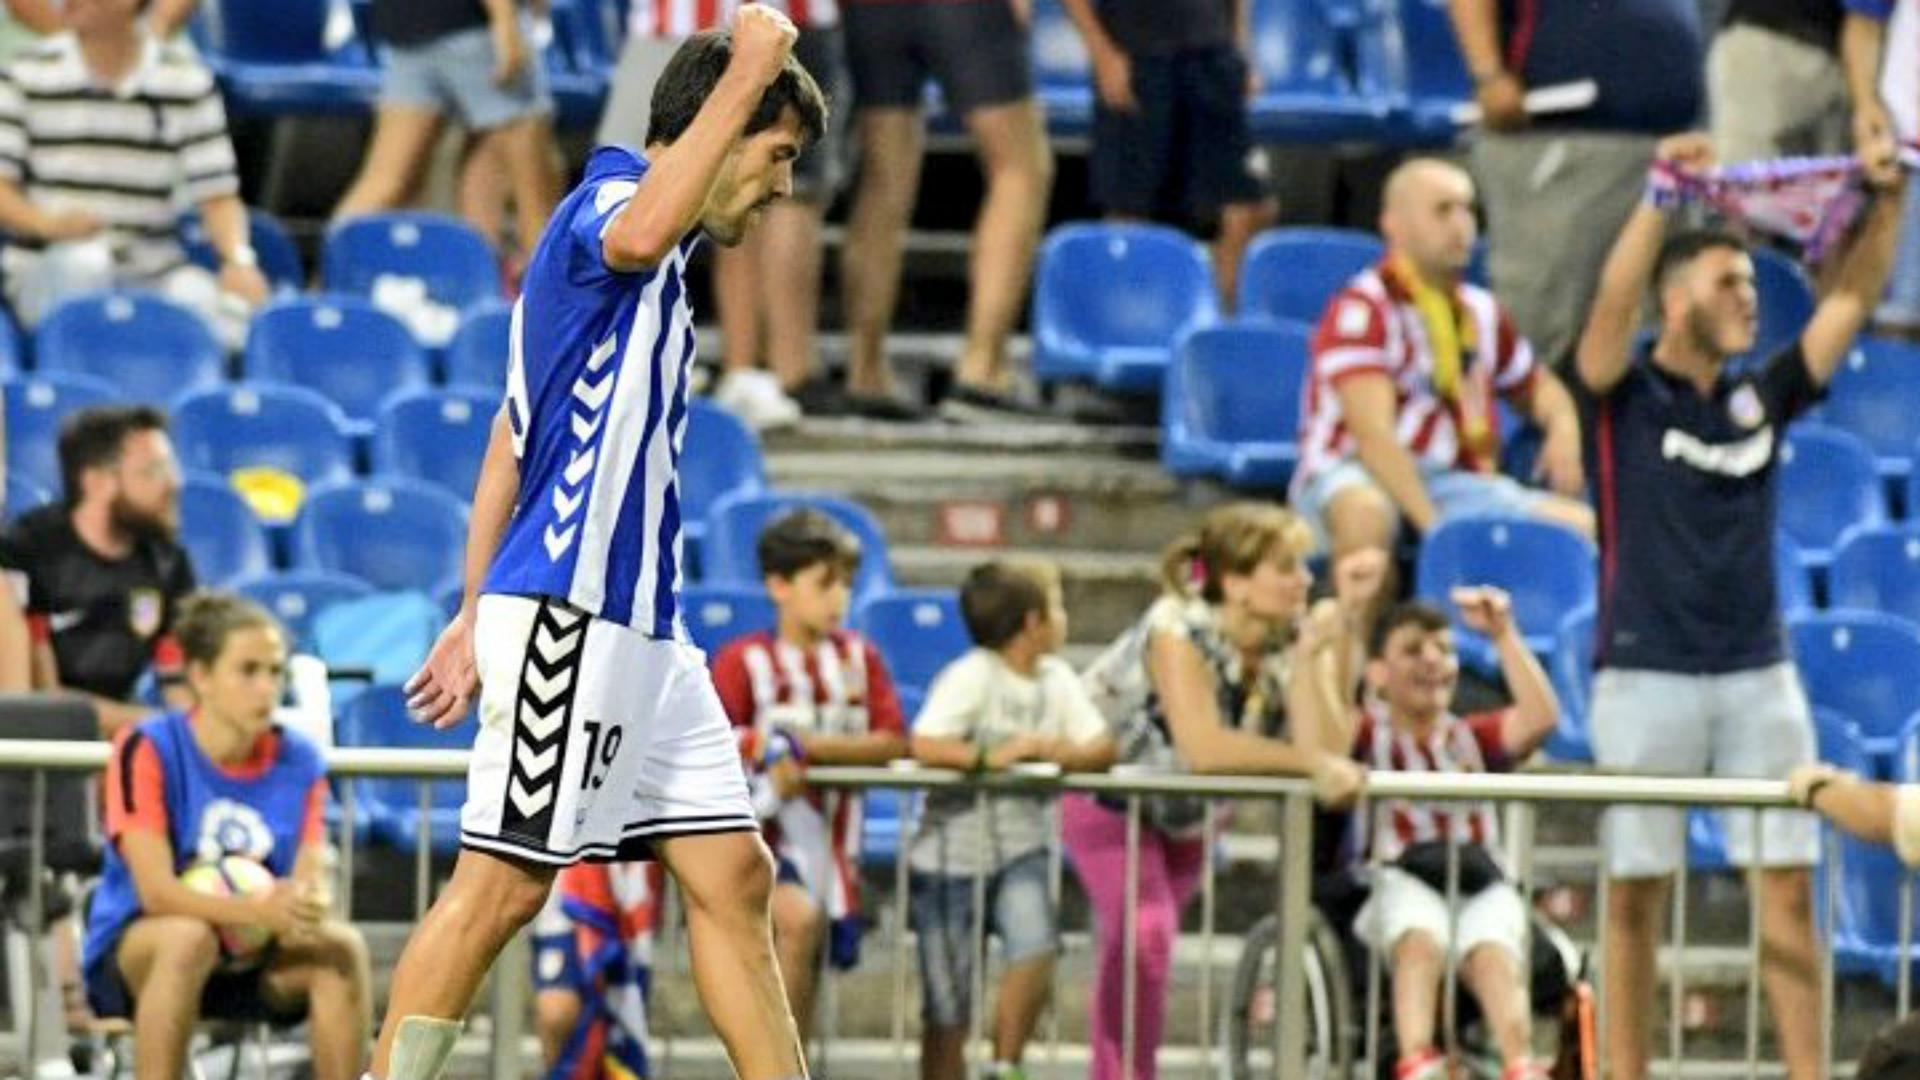 أتلتيكو يفرض التعادل السلبي على ألافيس في الدوري الإسباني